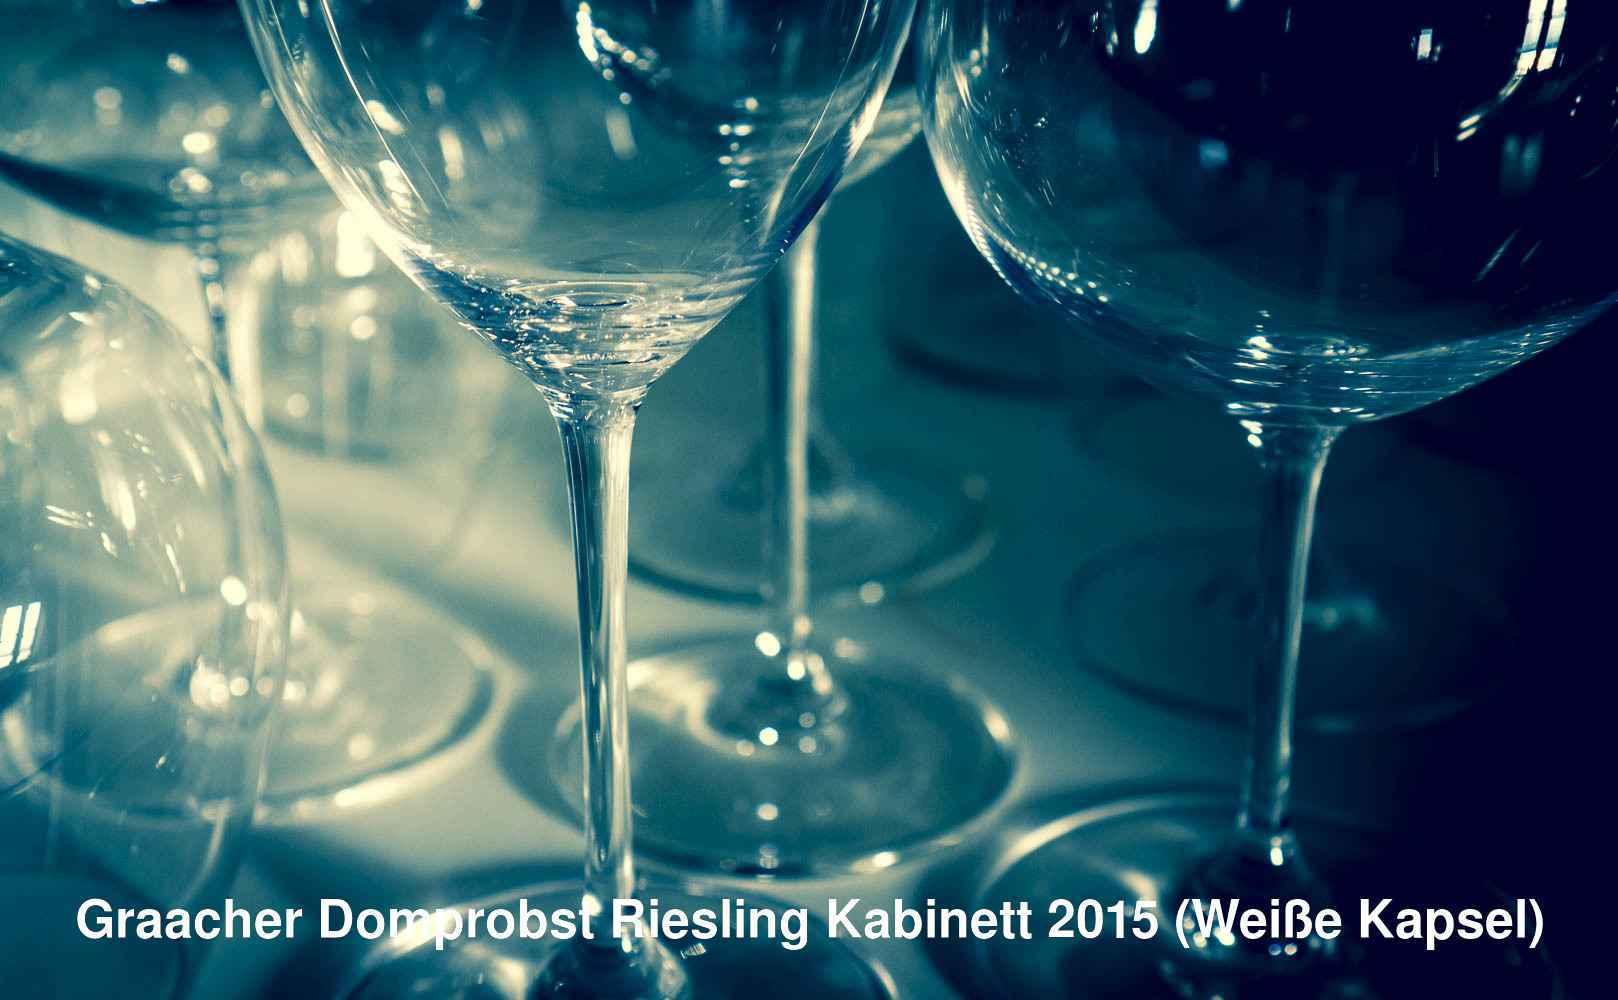 Graacher Domprobst Riesling Kabinett 2015 (Weiße Kapsel) von Markus Molitor aus Mosel, Deutschland